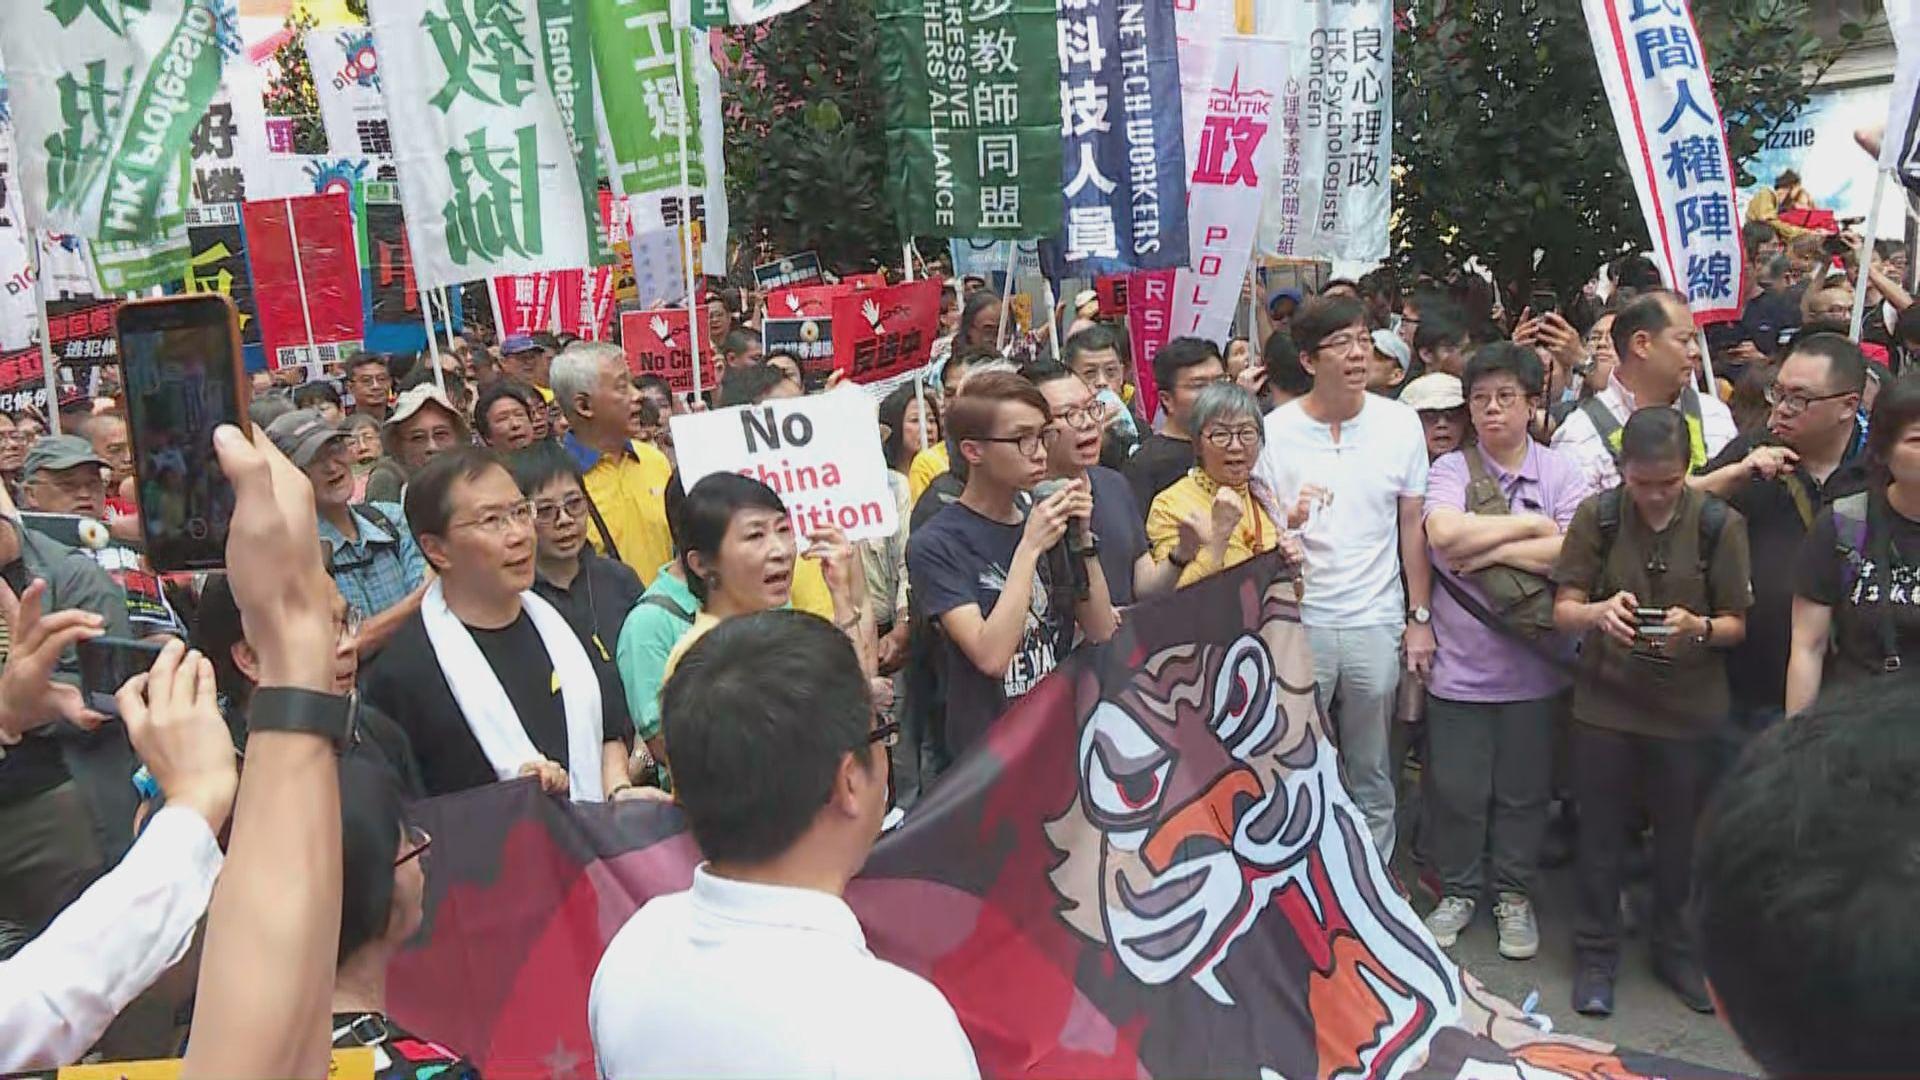 民陣發起遊行促政府撤回逃犯條例修訂